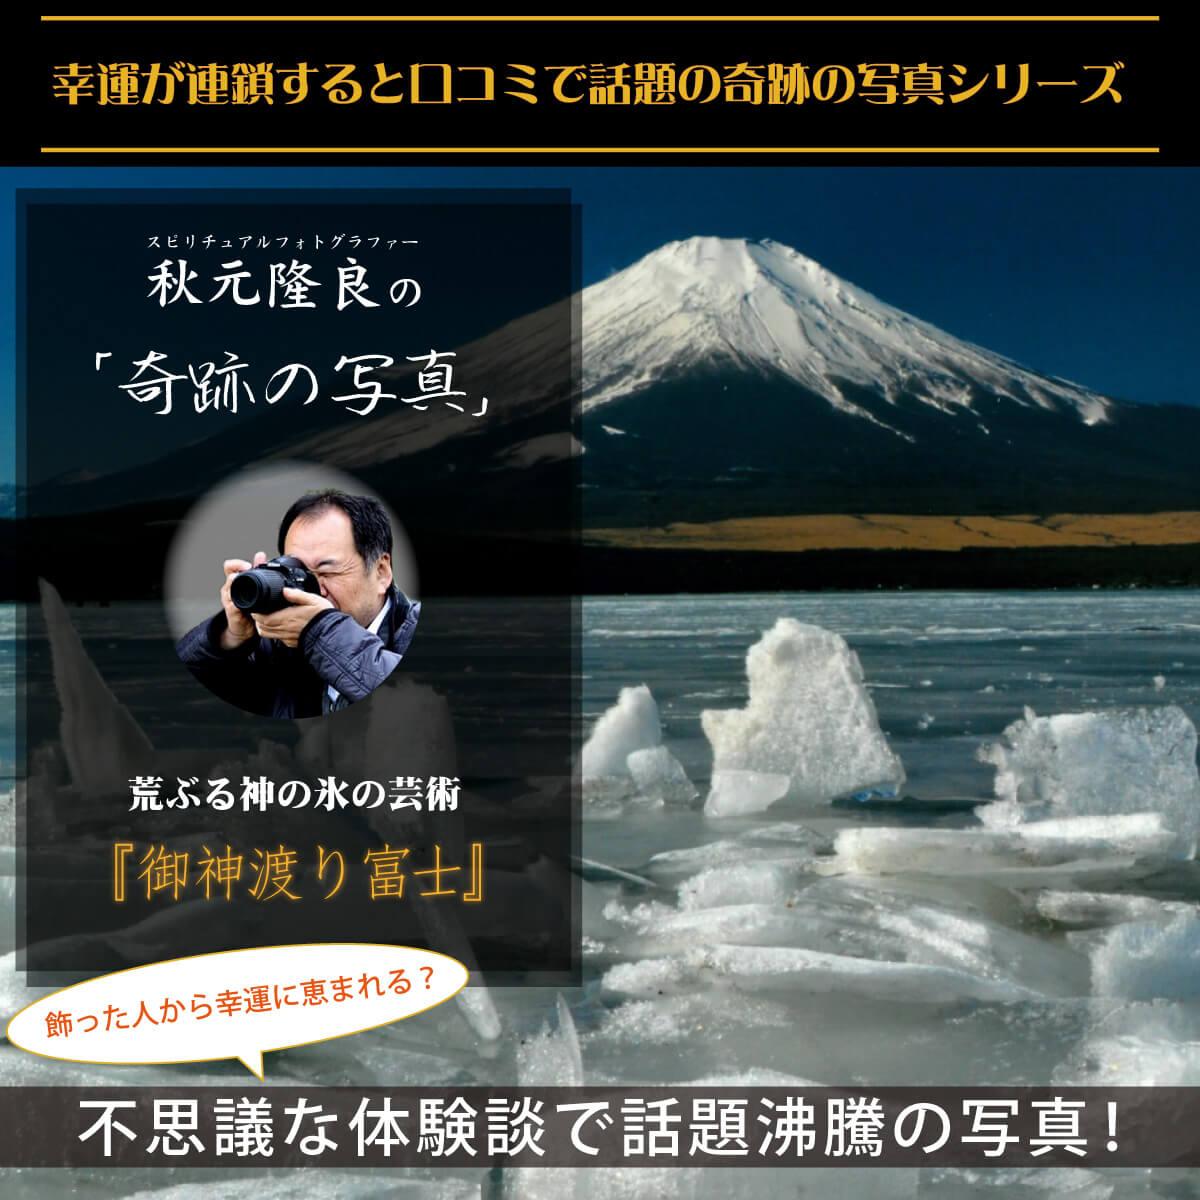 【奇跡の写真】御神渡り富士 ≫飾るだけで幸運が連鎖すると話題!秋元隆良の開運フォト作品 開運グッズ